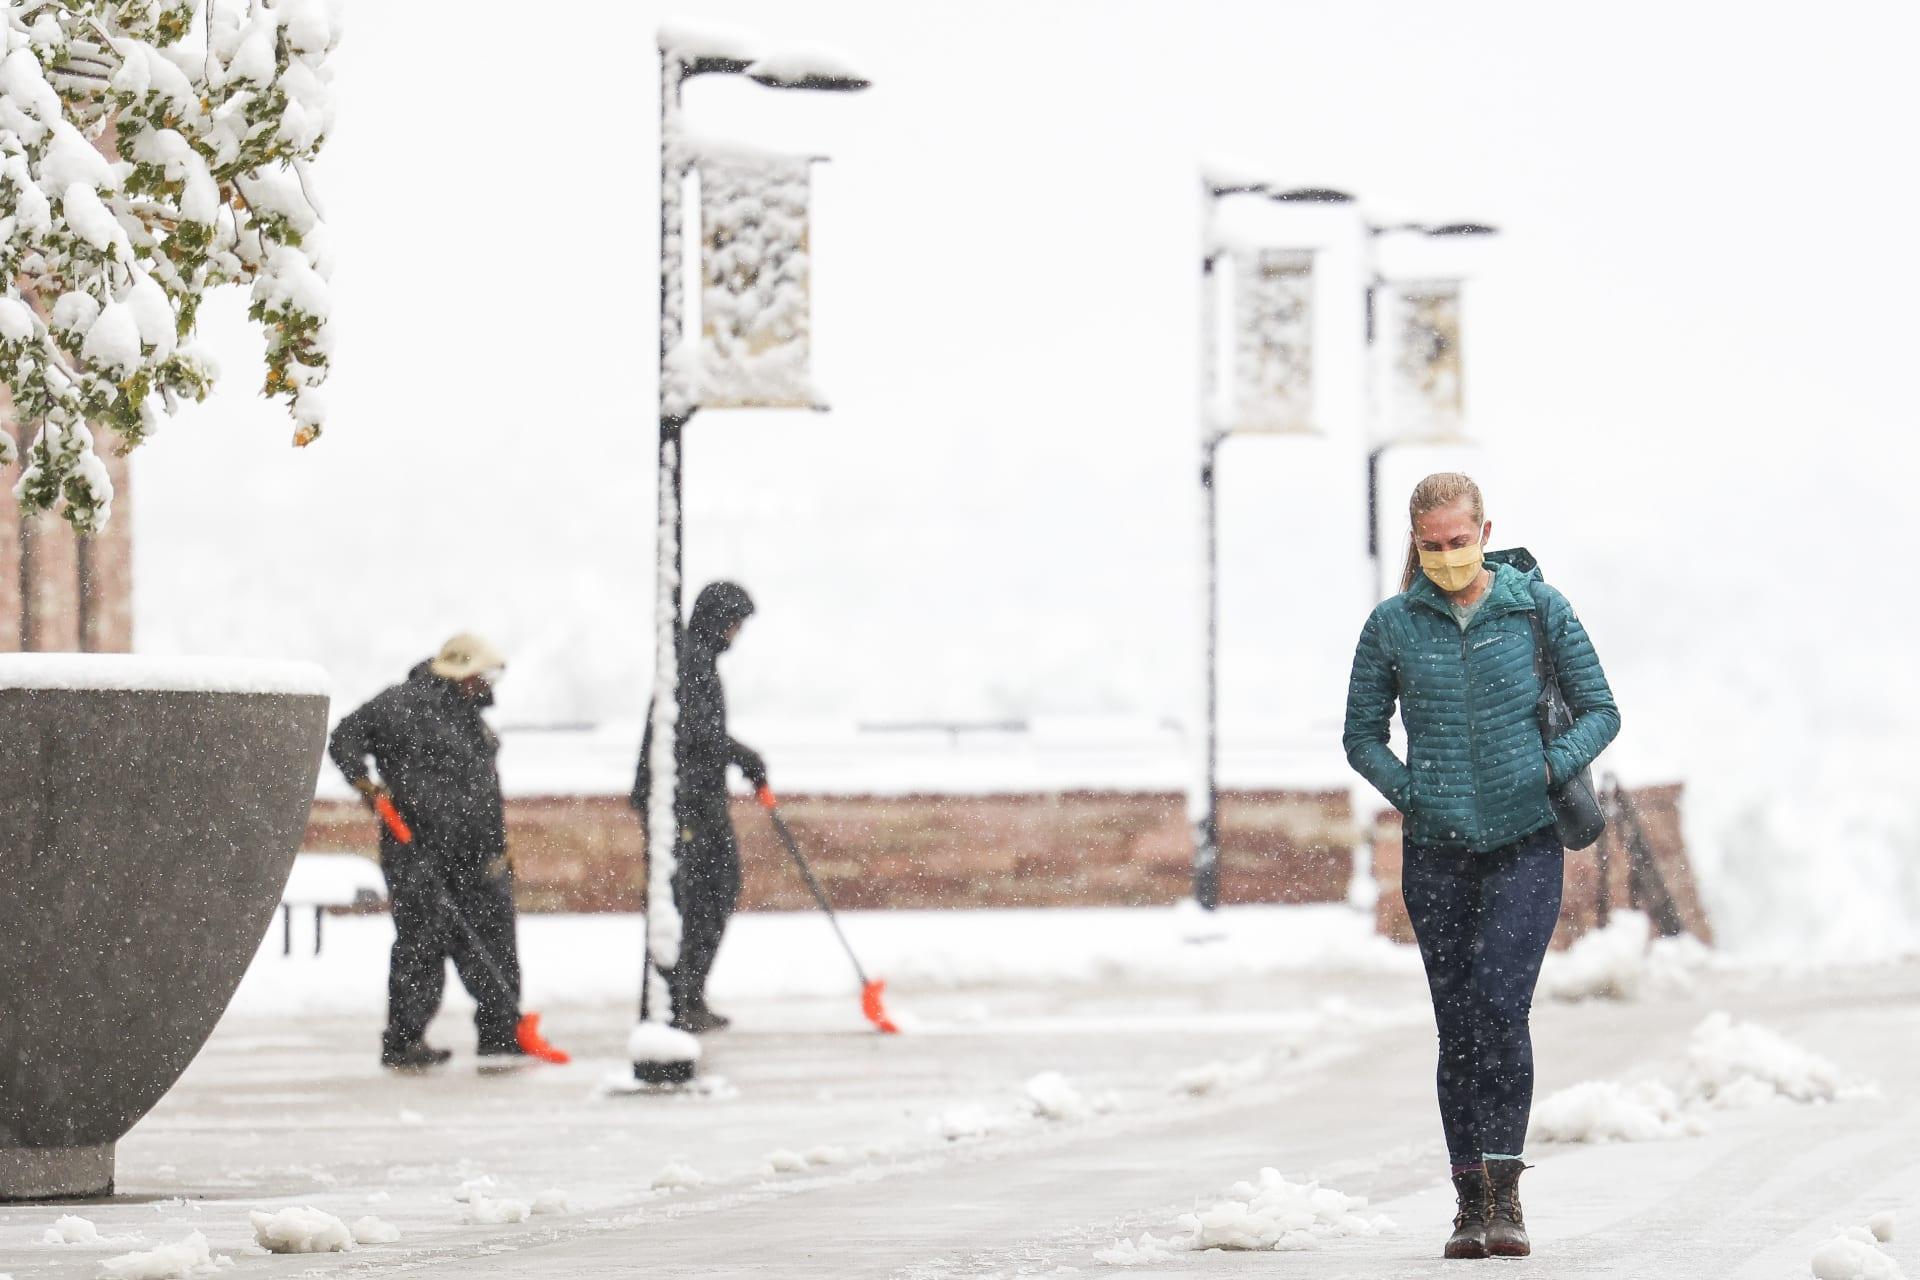 كيف تحمي نفسك من الاضطرابات العاطفية الموسمية في أشهر الشتاء بظل استمرار الجائحة؟